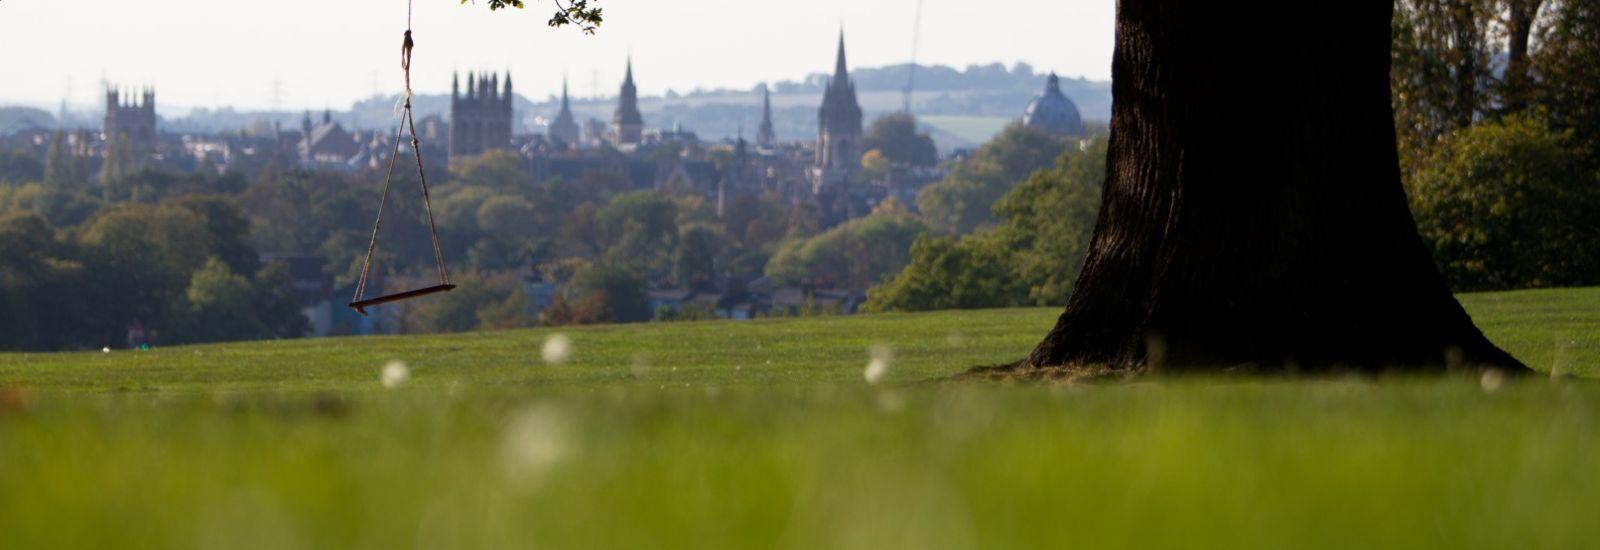 South Park, Oxford